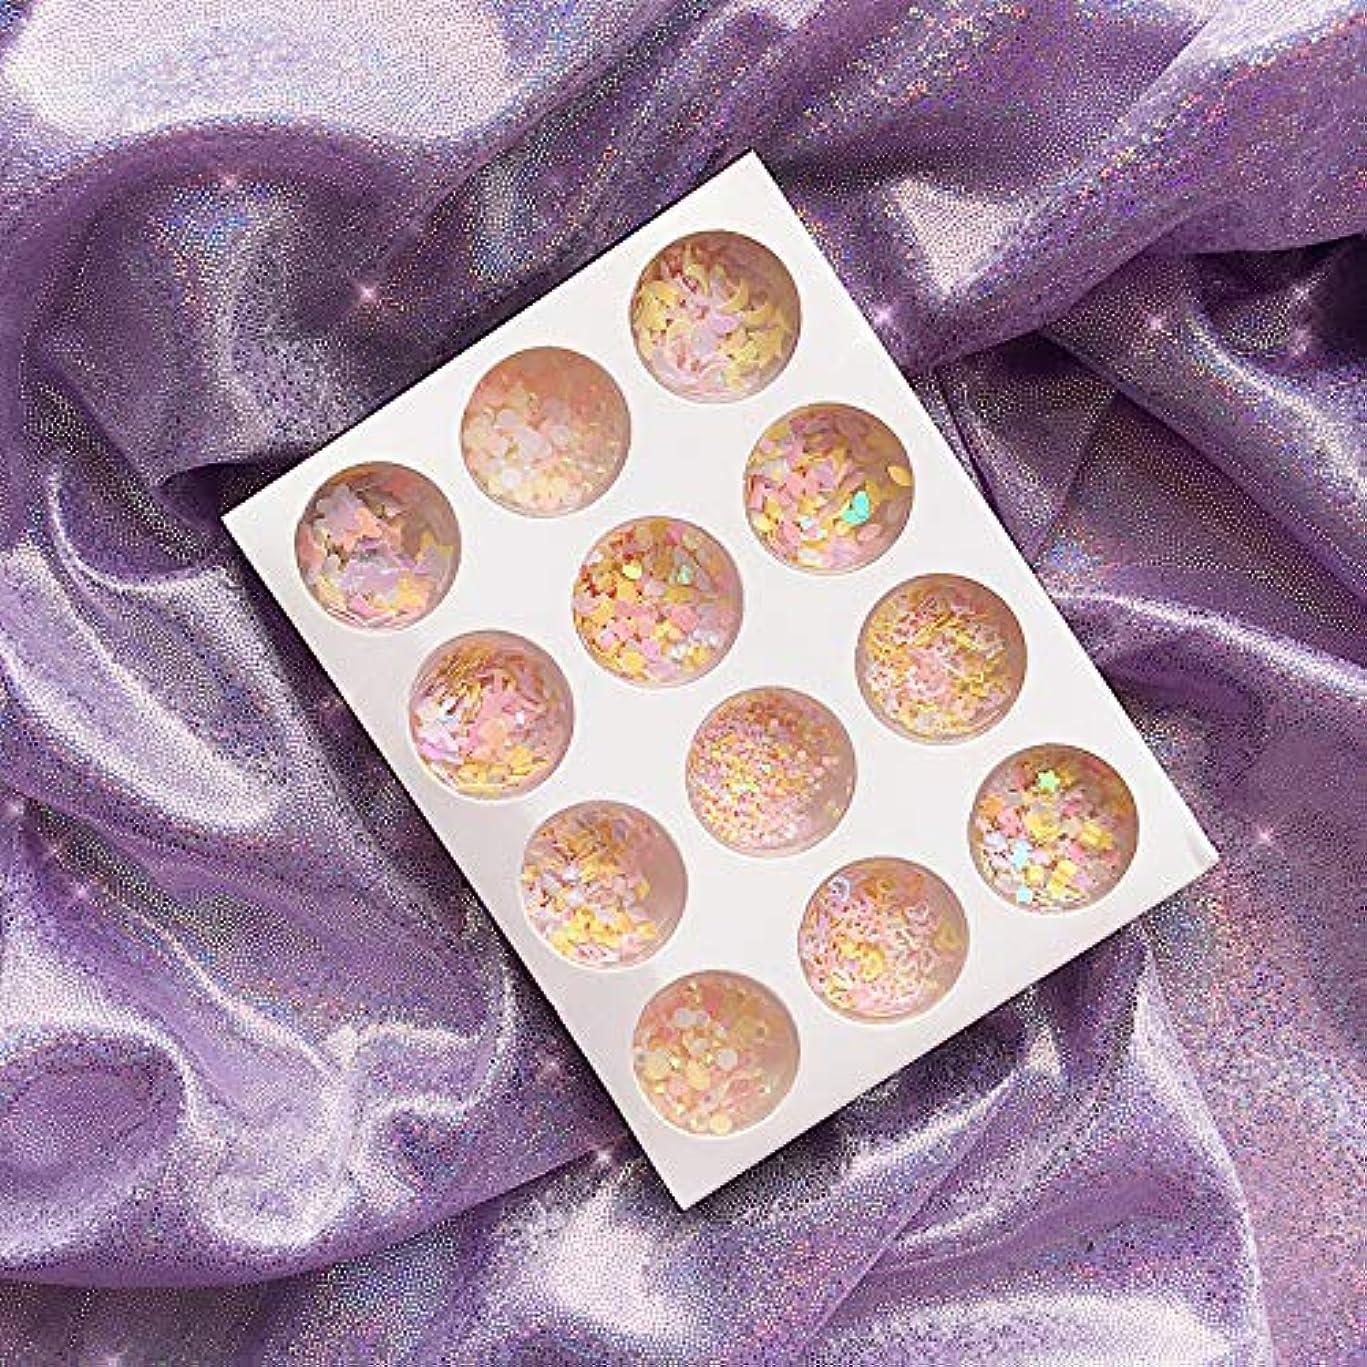 病的衝突壁紙12種類 可愛い DIYネイルアート グリッター 封入素材 アイメイク 装飾品 ネイルパーツ グリッター キラキラ